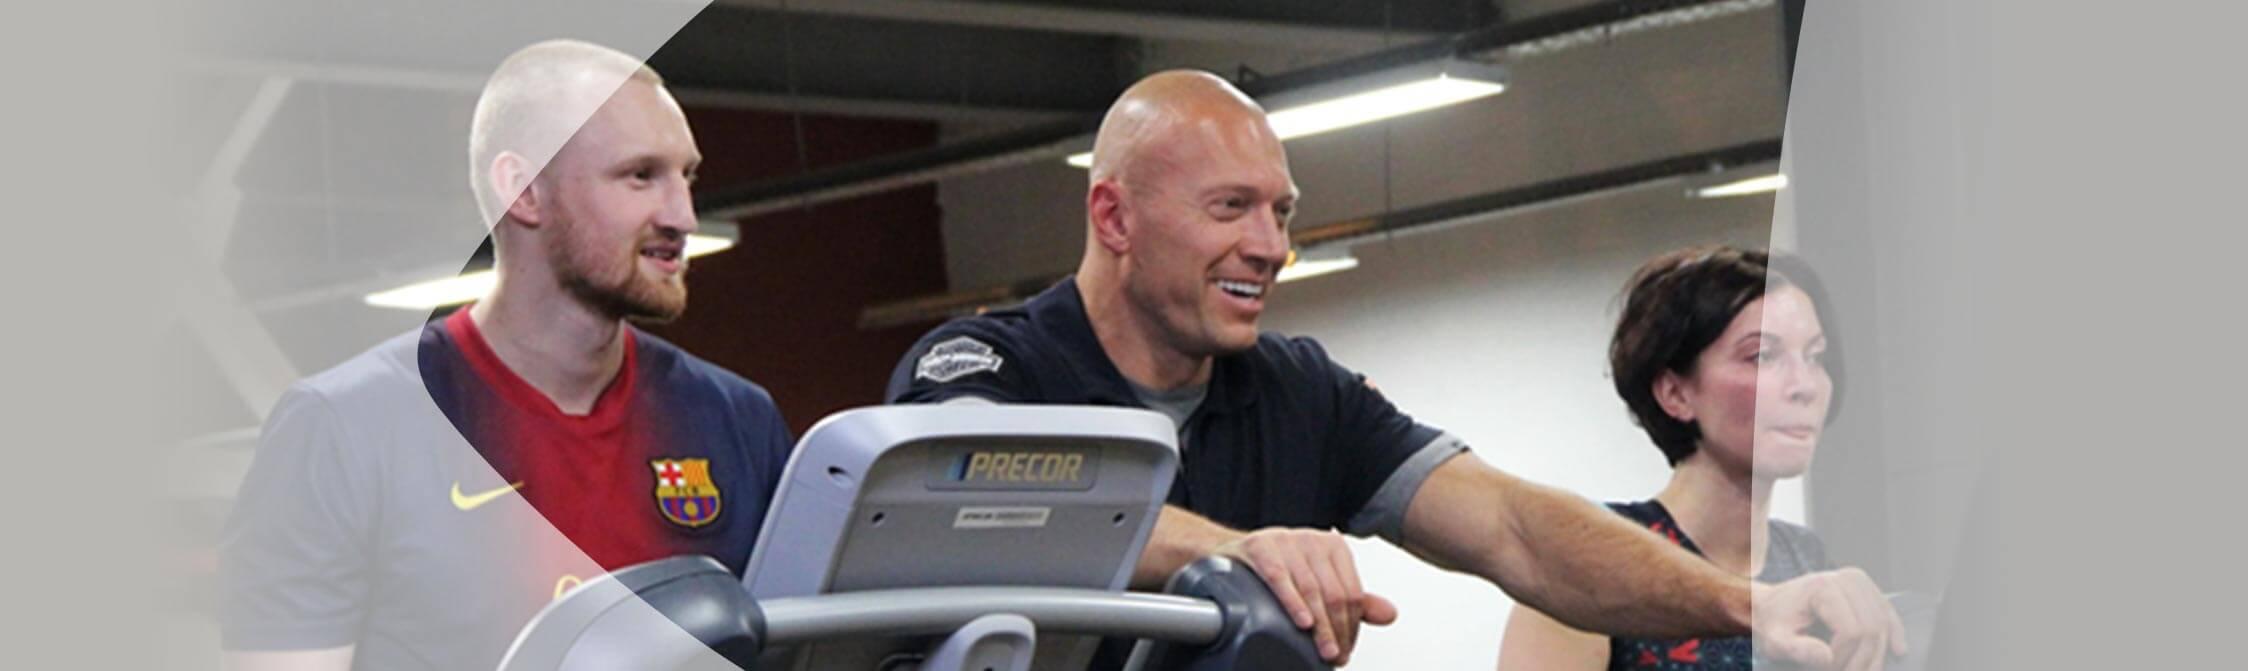 Программа тренировок Дениса Семенихина - тренировки или курение